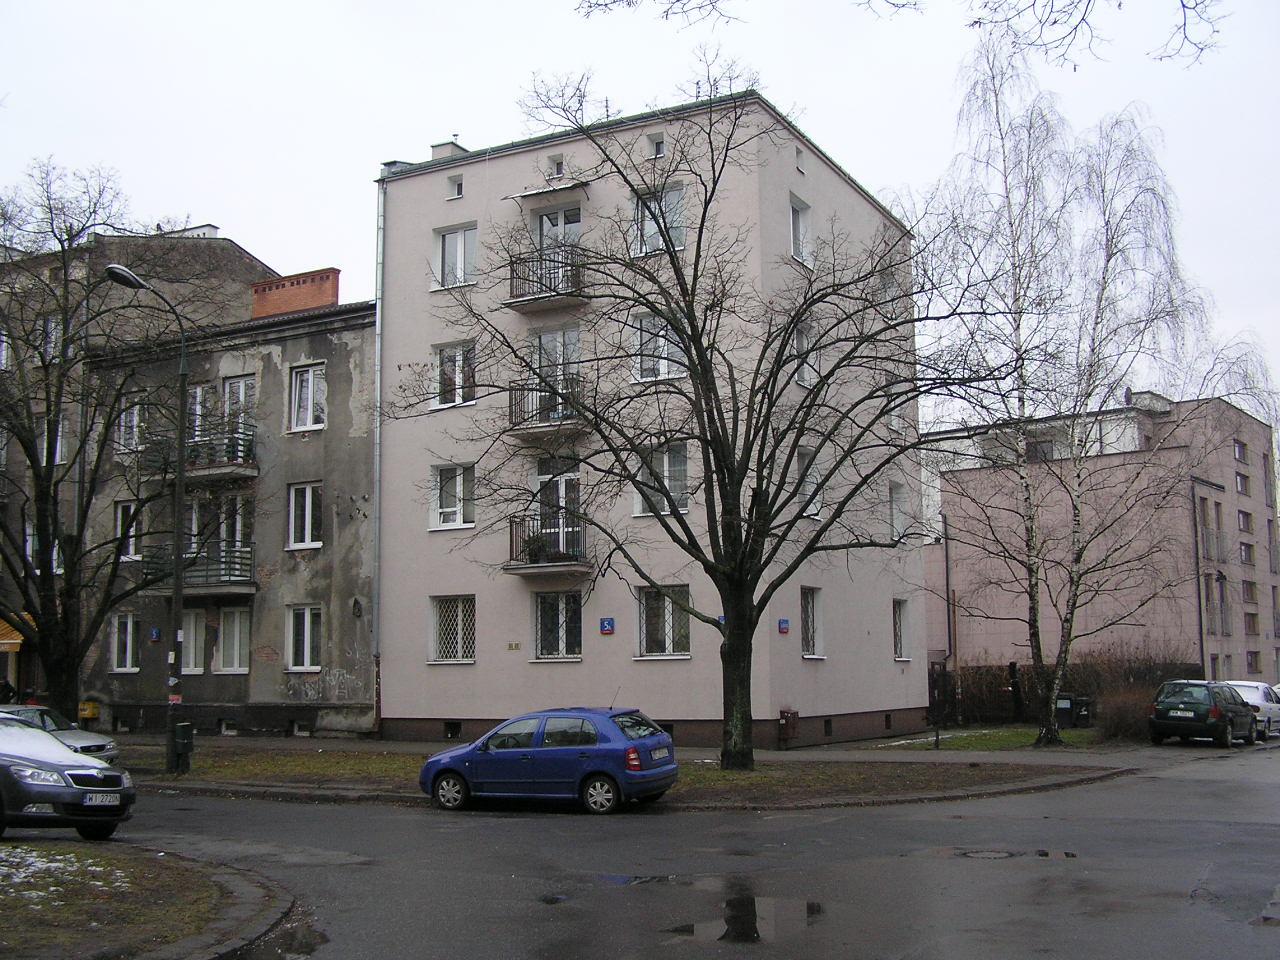 Budynek przy ulicy Siennickiej 5A na Grochowie w Warszawie